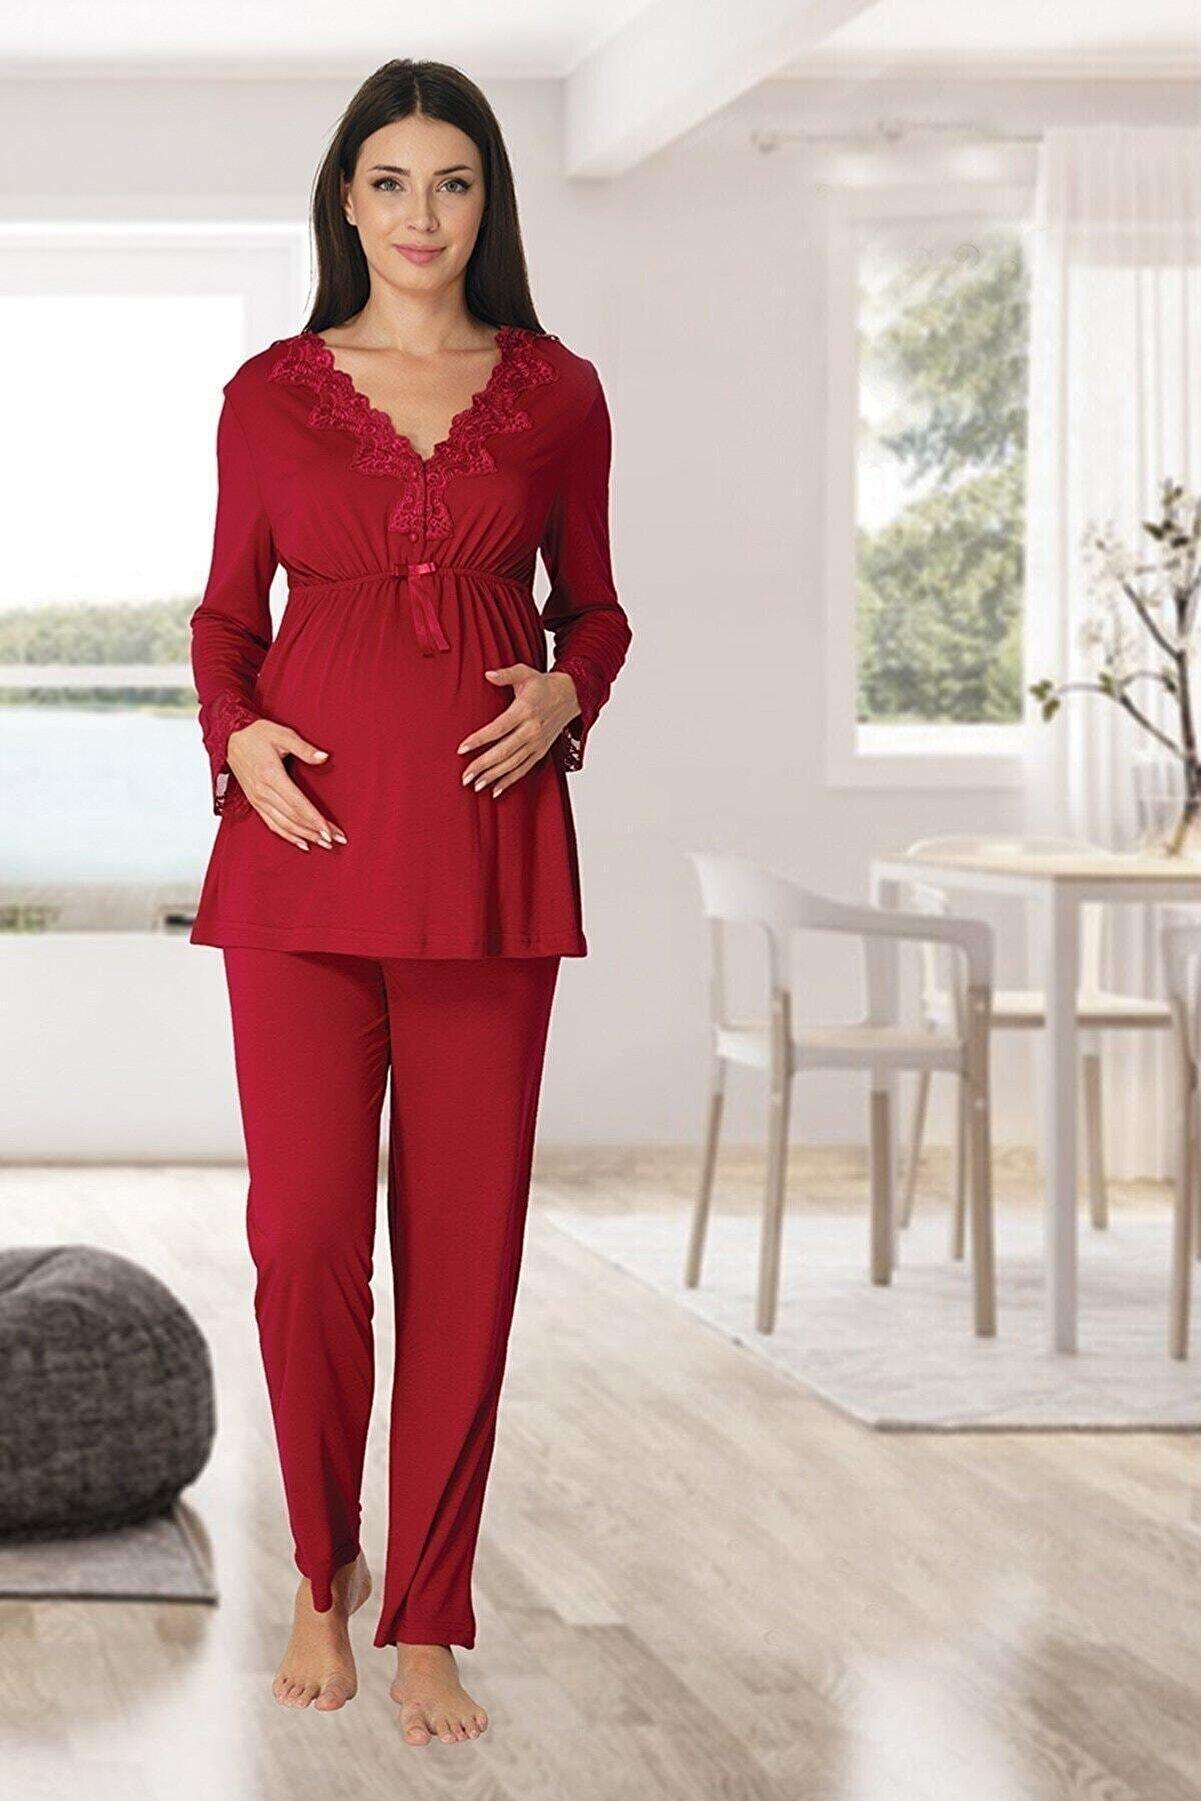 Effort Pijama Kadın Kırmızı Dantel Süslemeli Lohusa Pijama Takımı